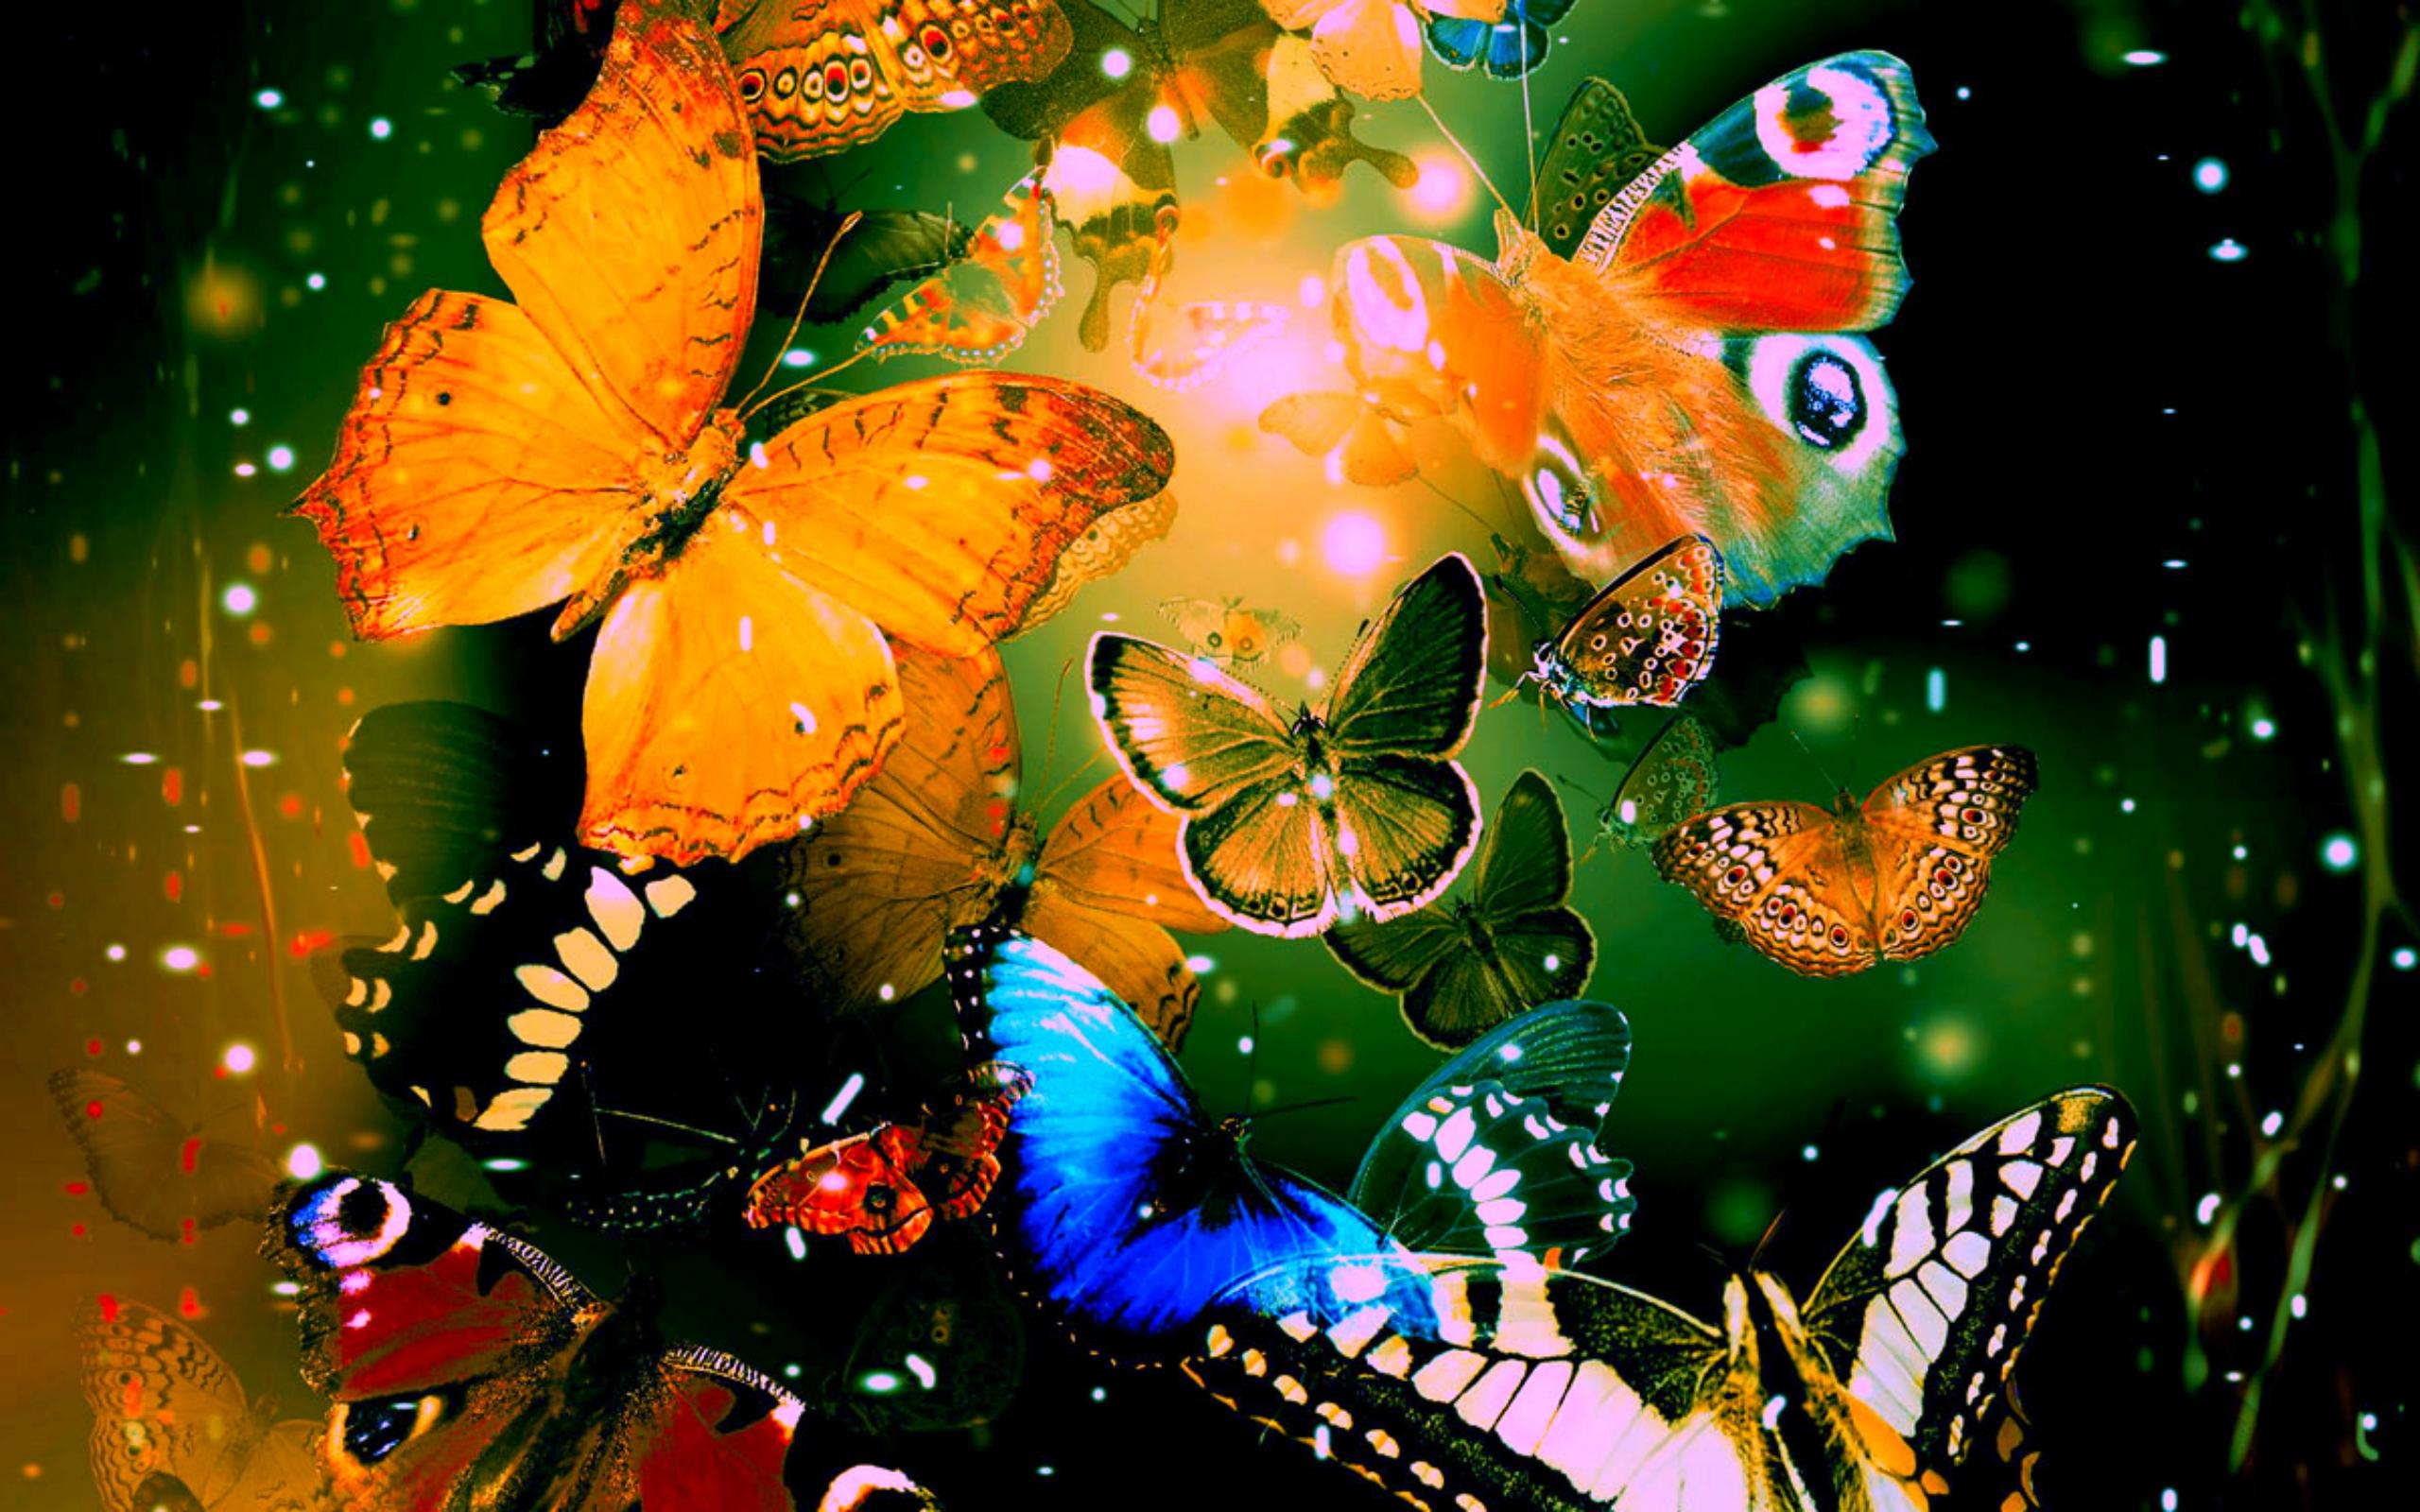 butterflies 1080